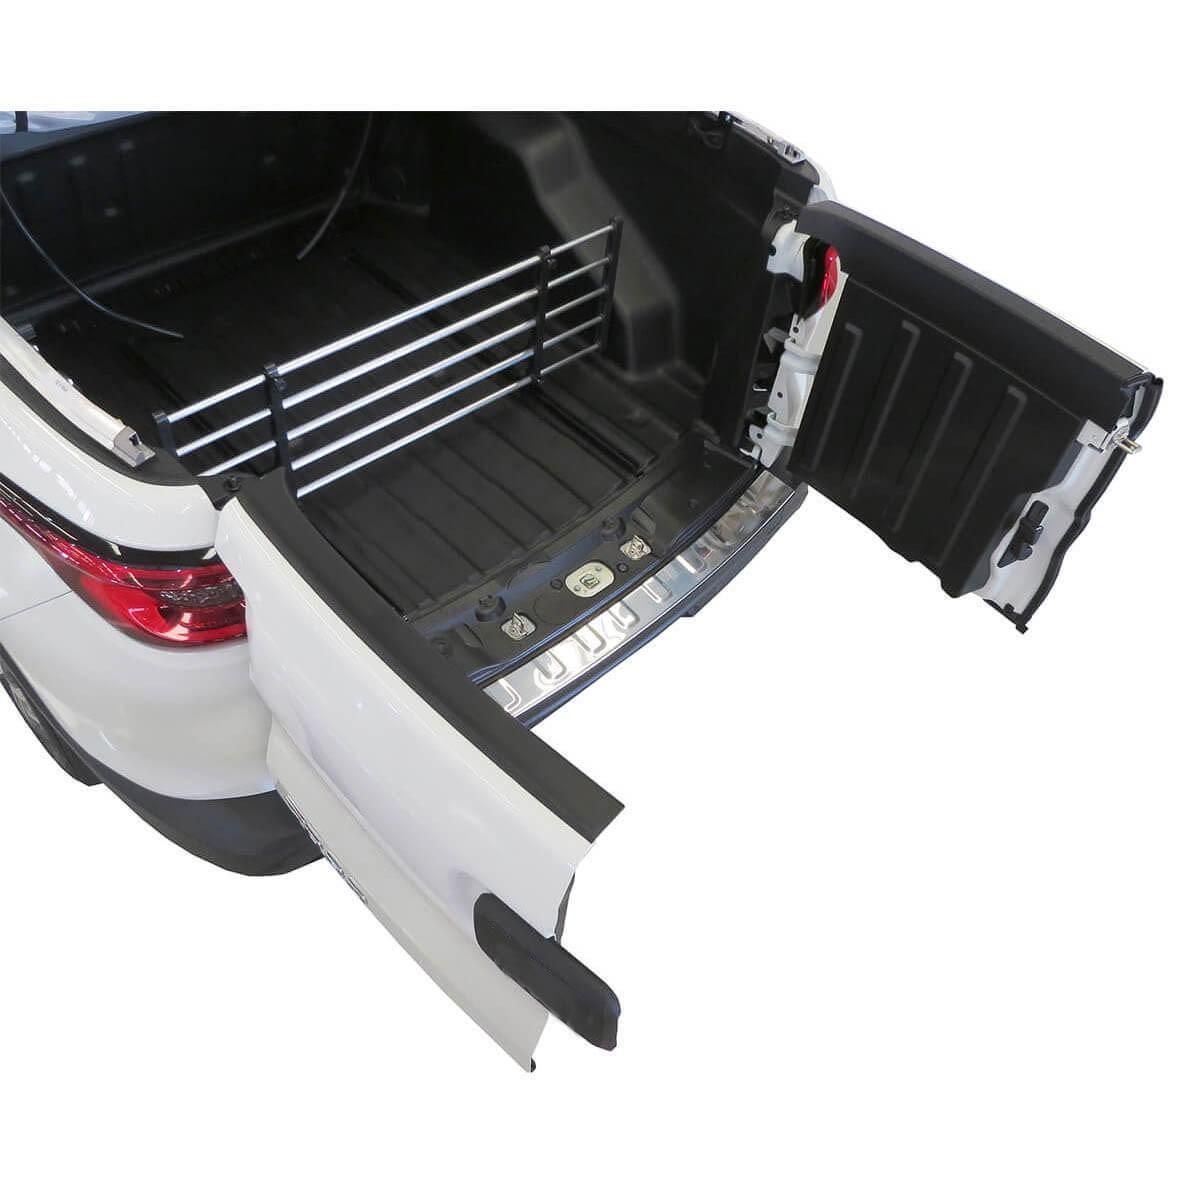 Divisor separador de cargas caçamba Fiat Toro 2017 a 2022